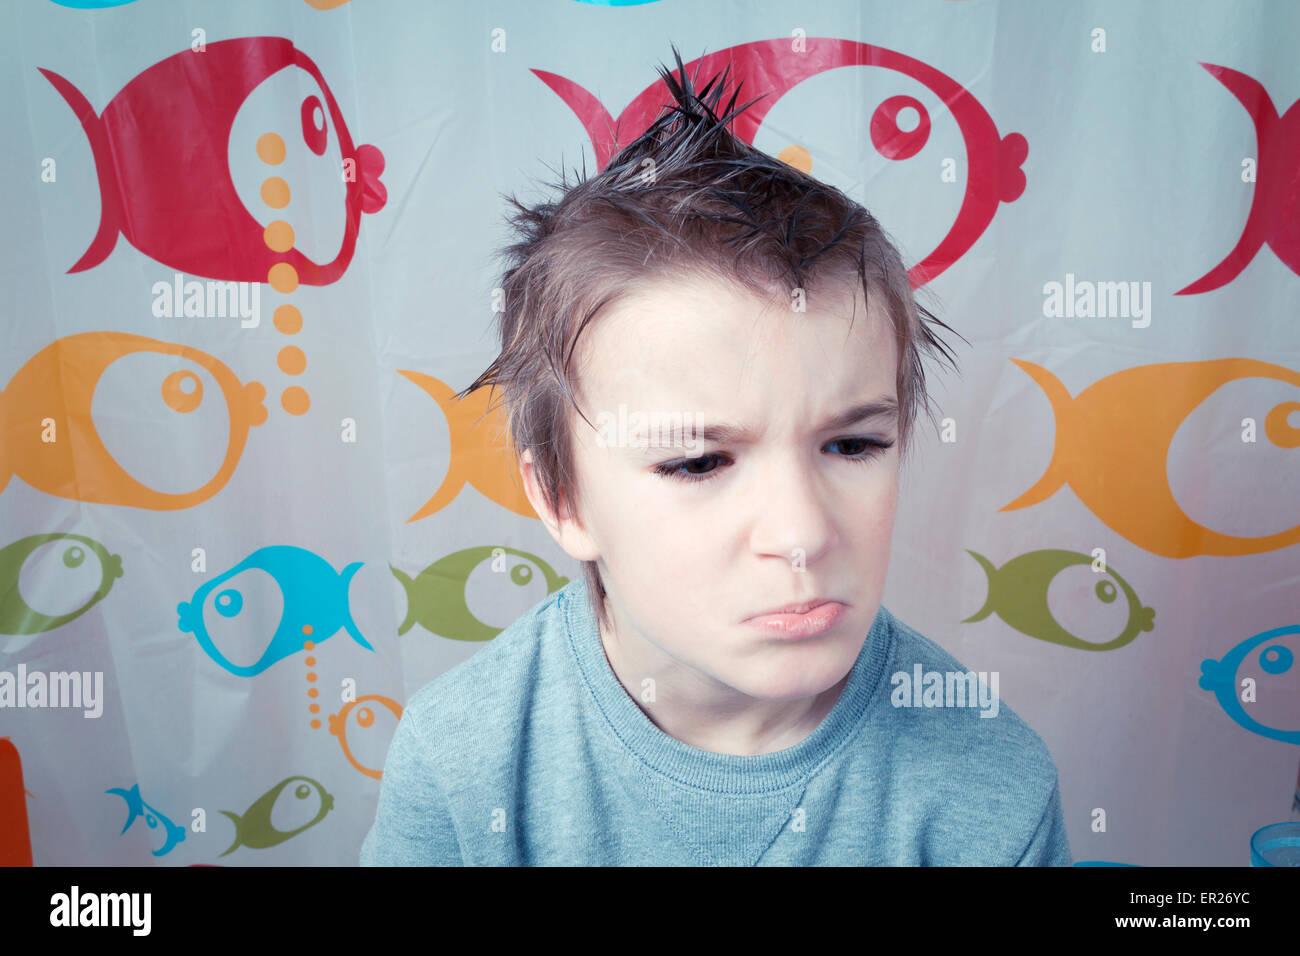 Junge 8 Jahre Frisur Stacheligen Haaren Grimasse Stockfoto Bild